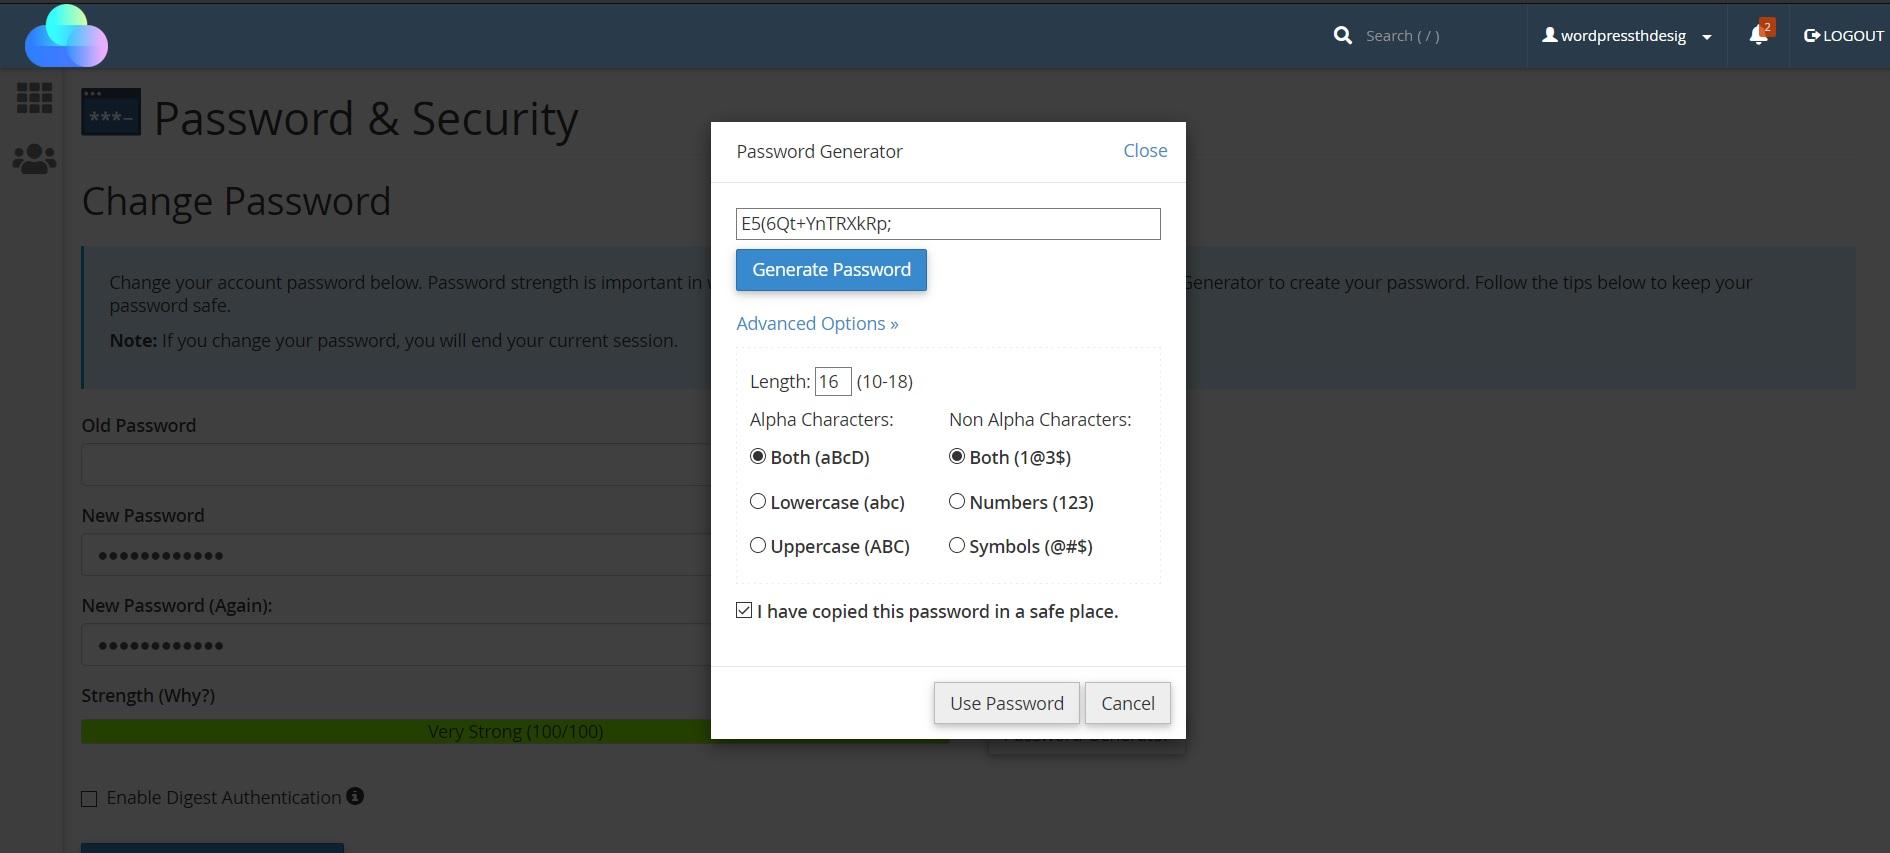 ویژگی های رمز عبور مناسب و ایمن